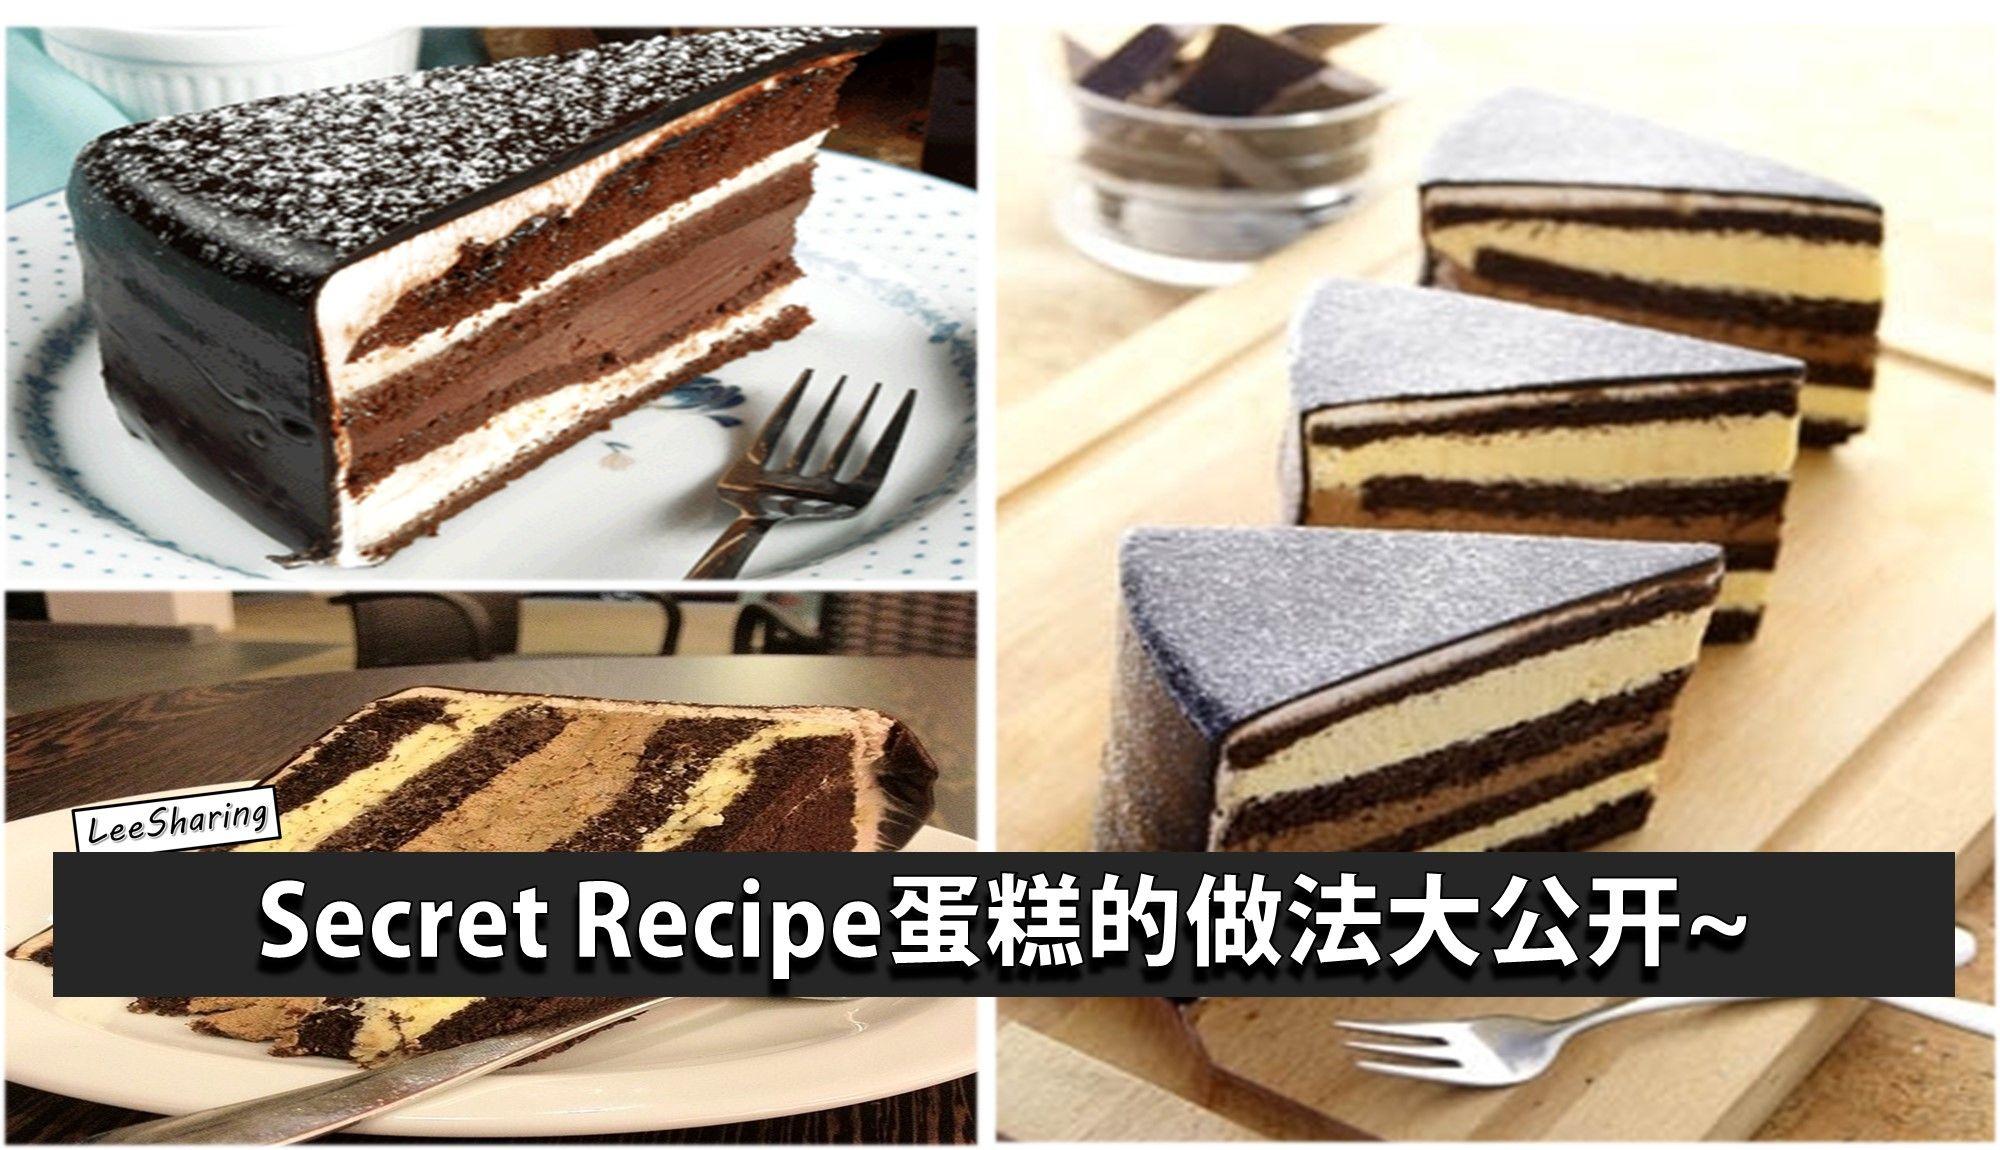 学会做蛋糕_Secret Recipe的畅销蛋糕之一【Chocolate Indulgence】可以自己动手做 ...